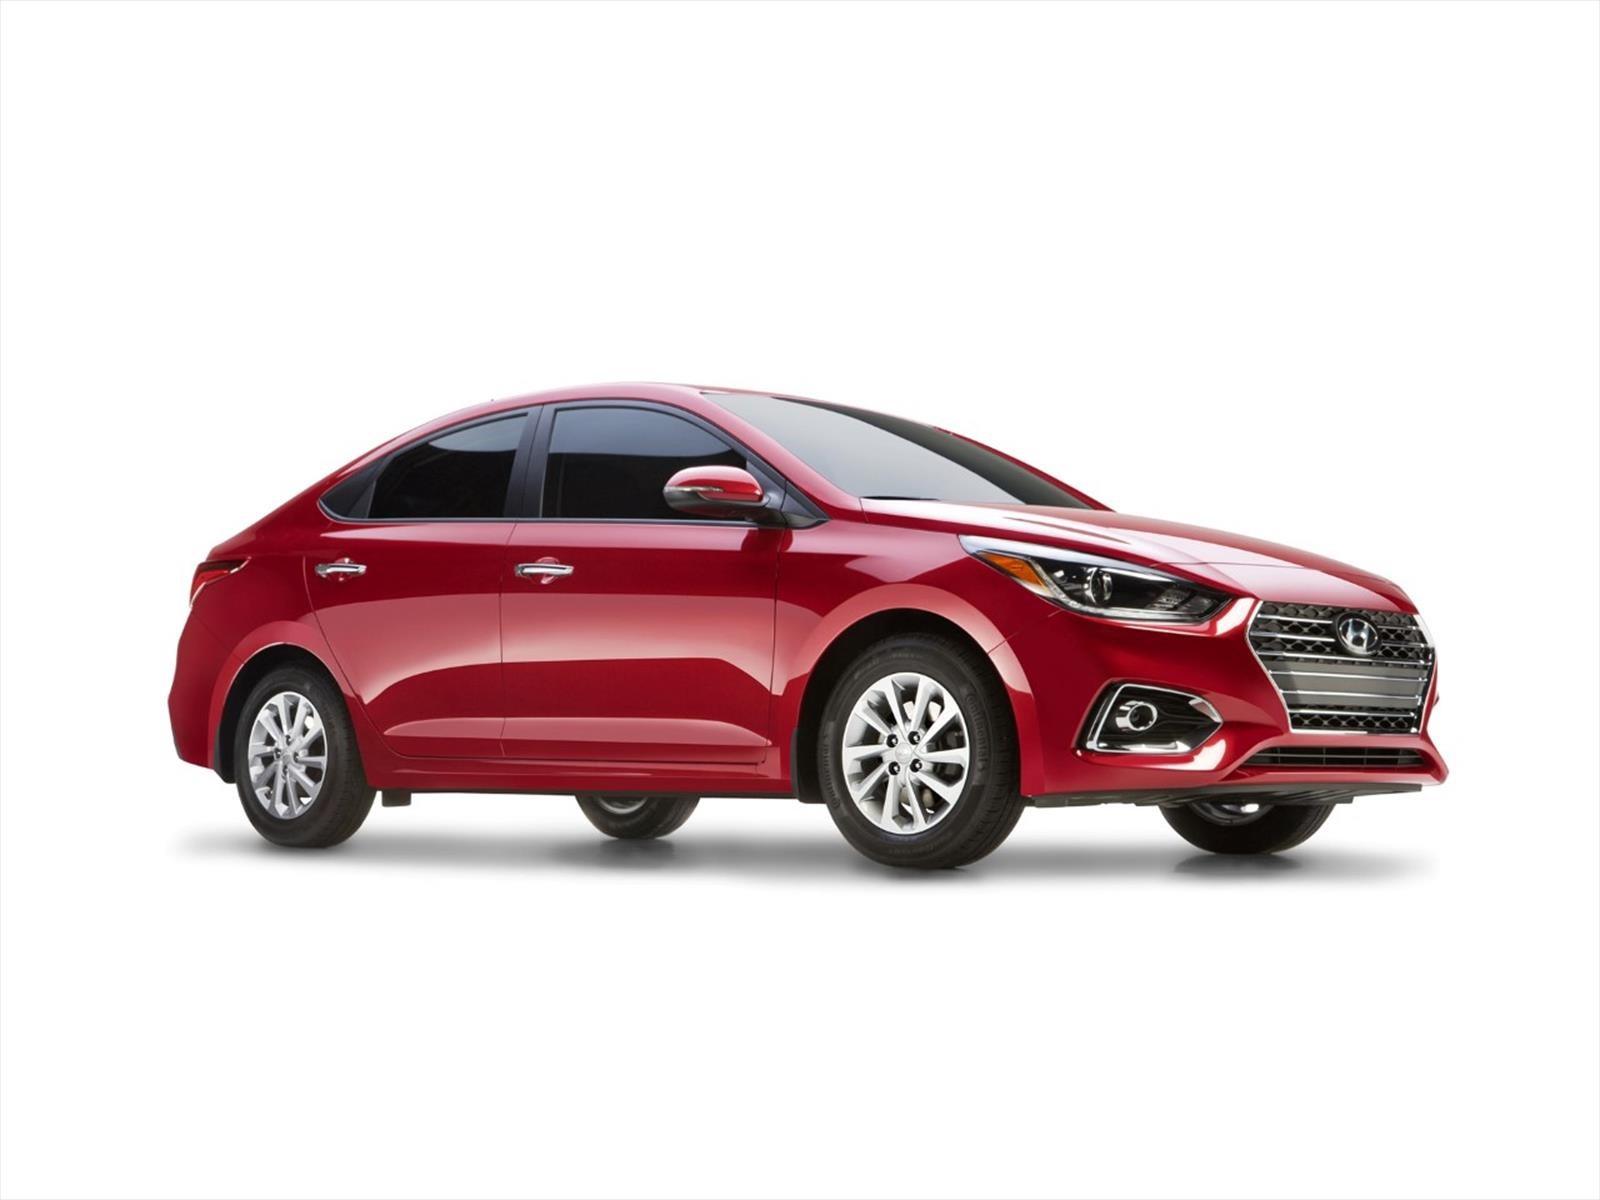 Conoce al Hyundai Accent 2018